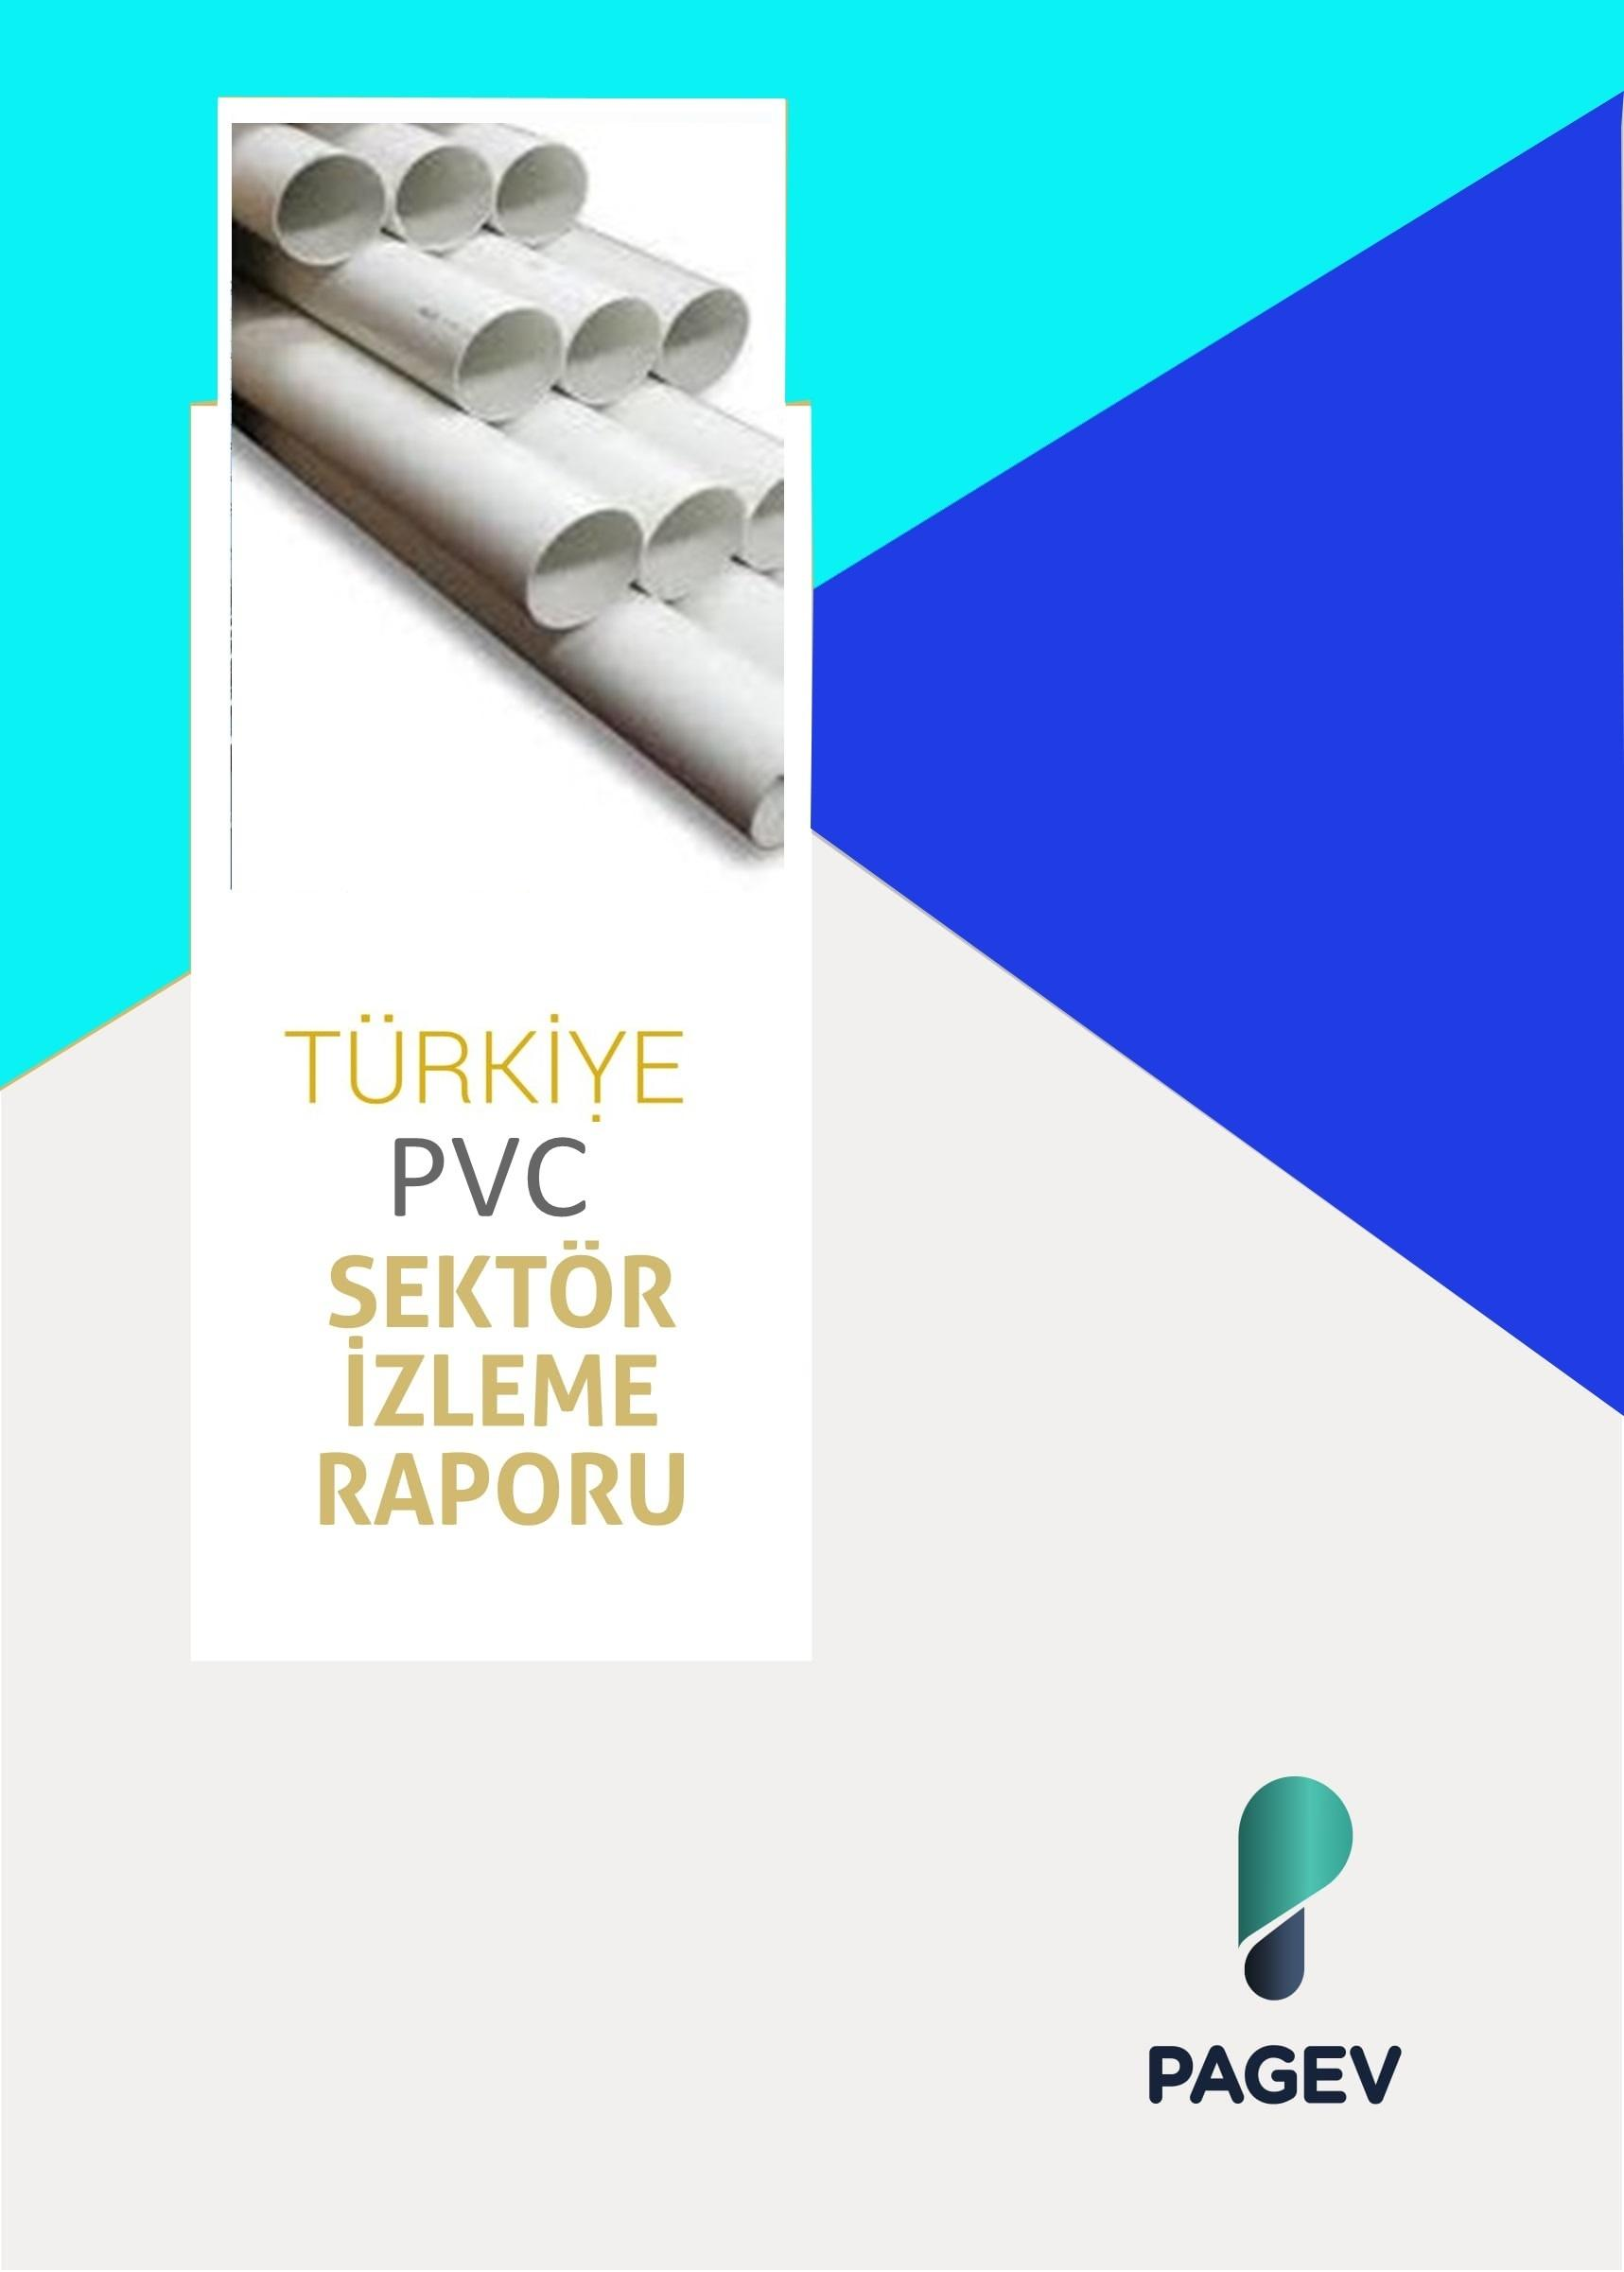 Türkiye PVC Sektör İzleme Raporu 2017/9 Aylık (Yıl Sonu Tahminli)